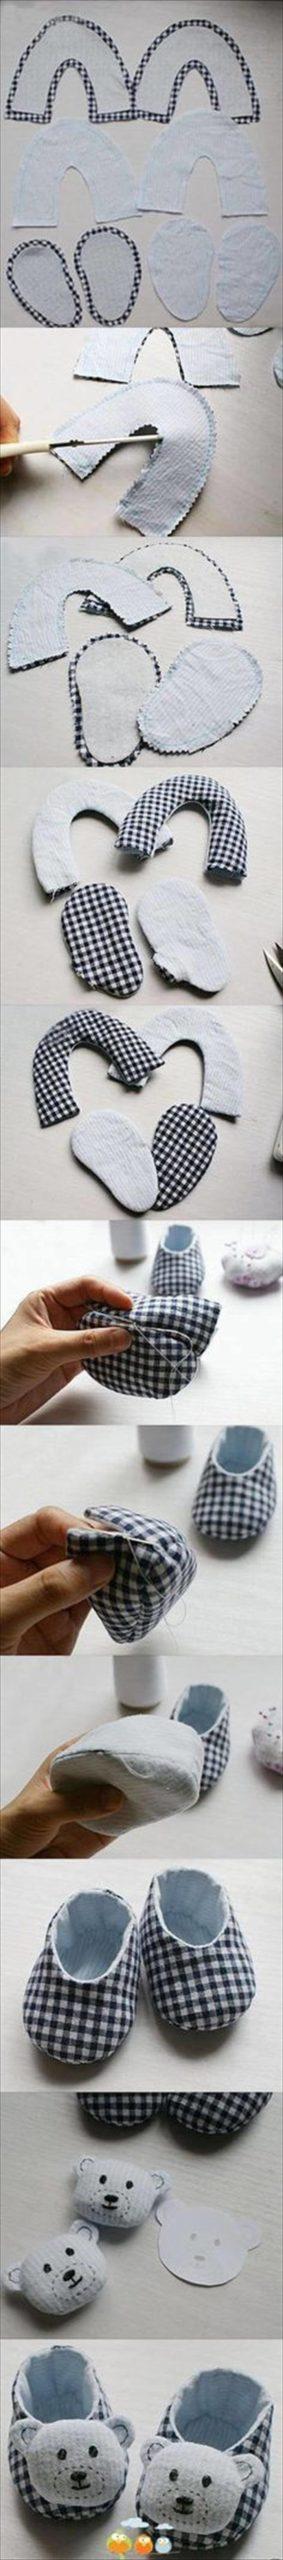 botines de bebé hechos a mano inspirados en animales